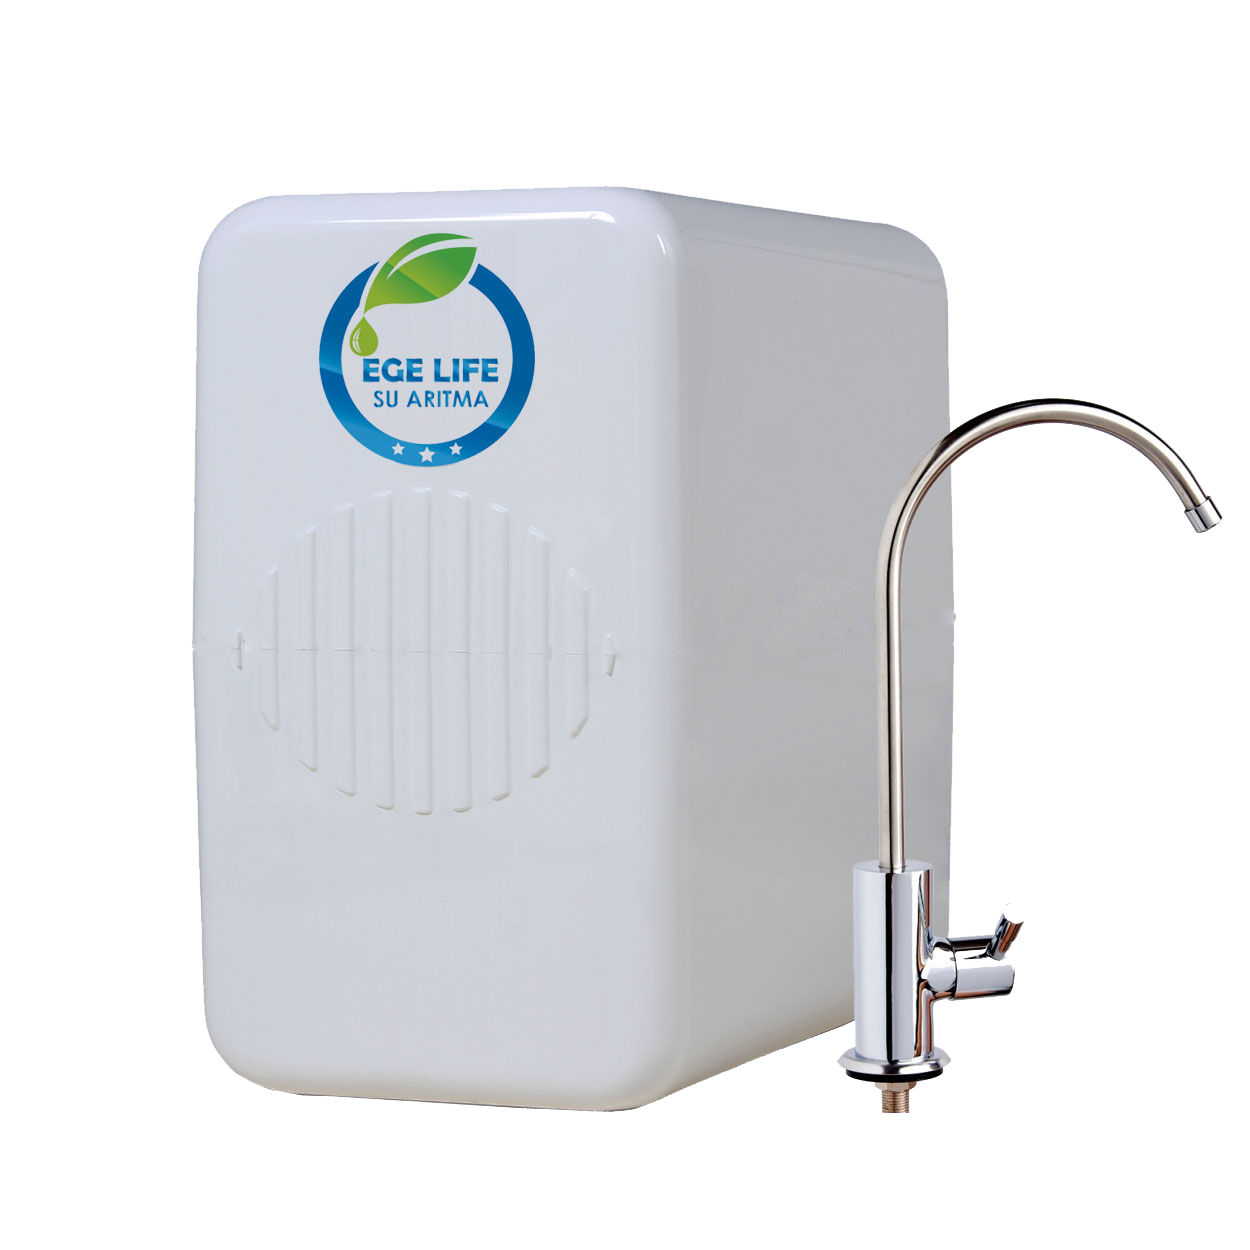 su arıtma cihazı